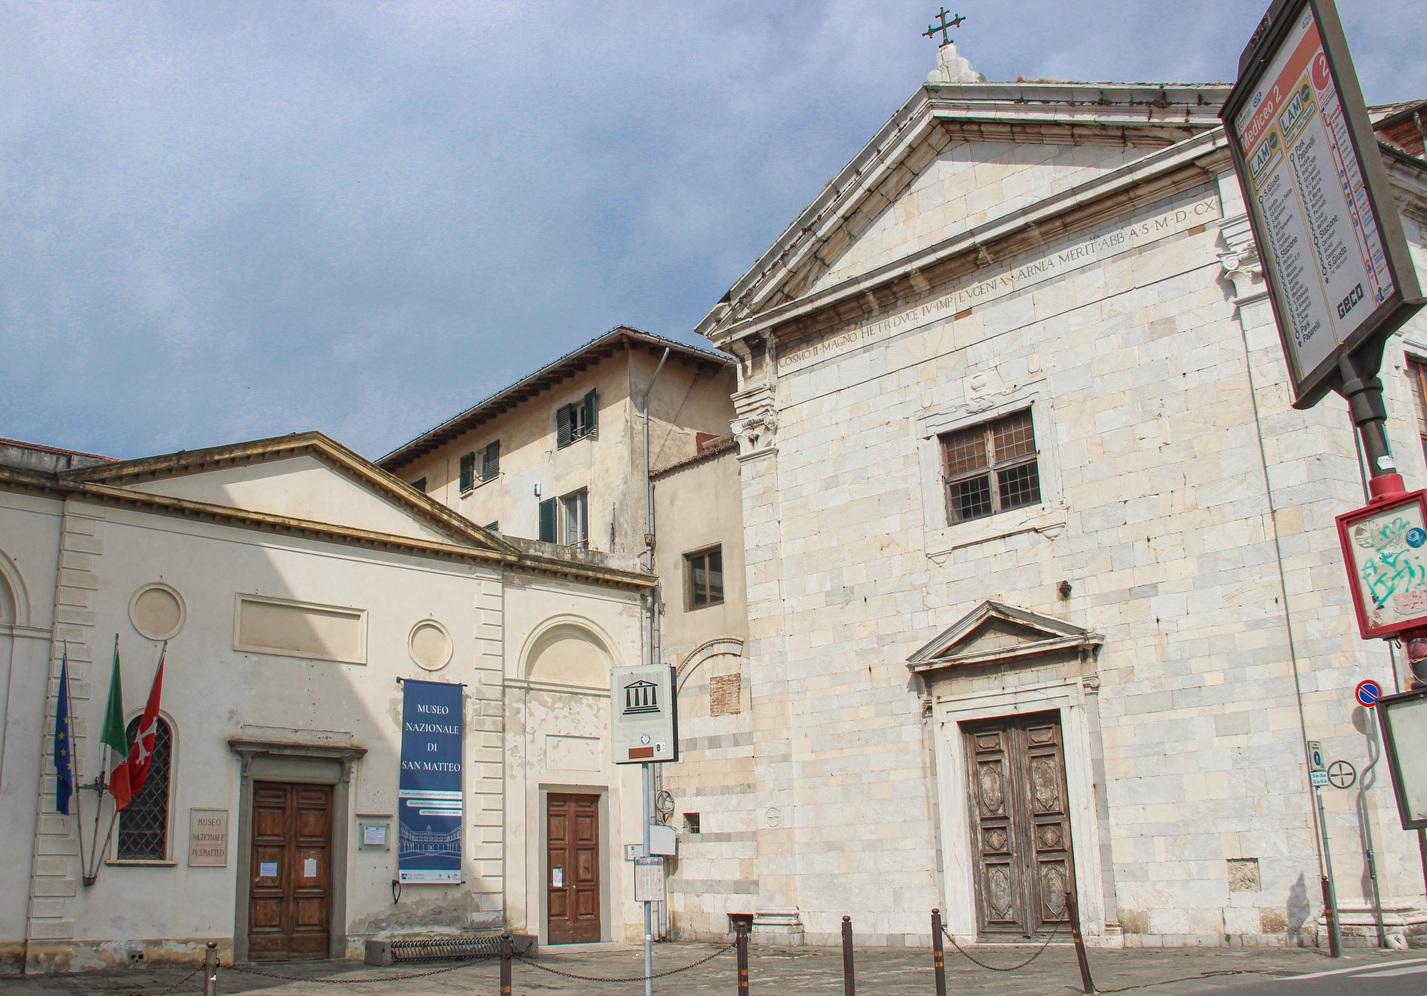 Museo Nazionale di S. Matteo (G. Bettini, Comune di Pisa)